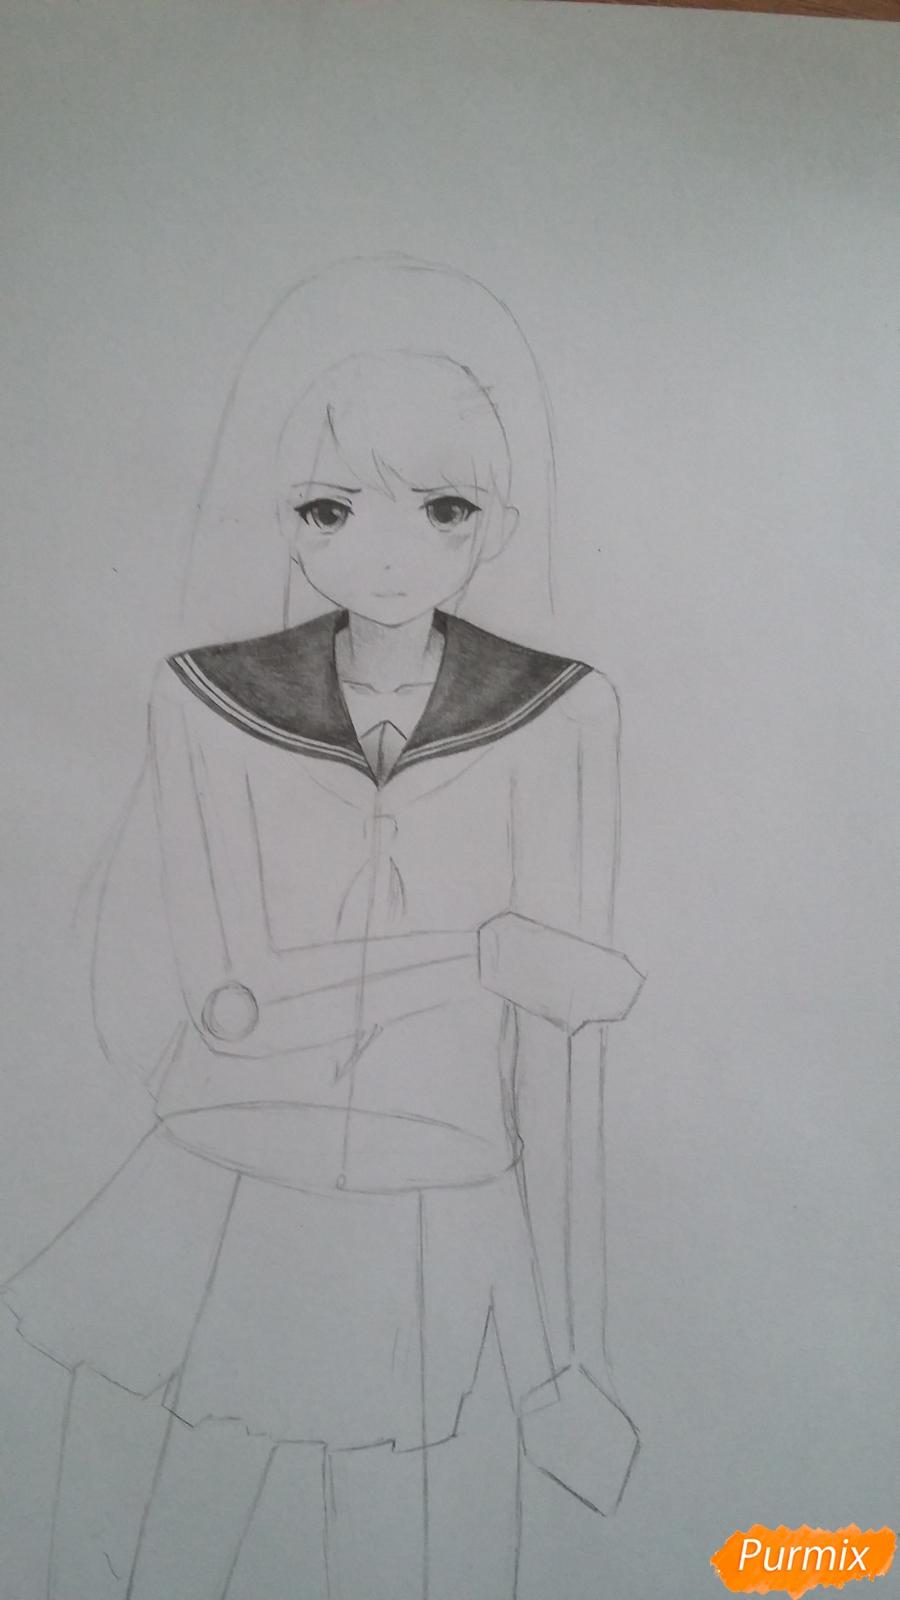 Рисуем девушку с катаной в аниме стиле - шаг 5